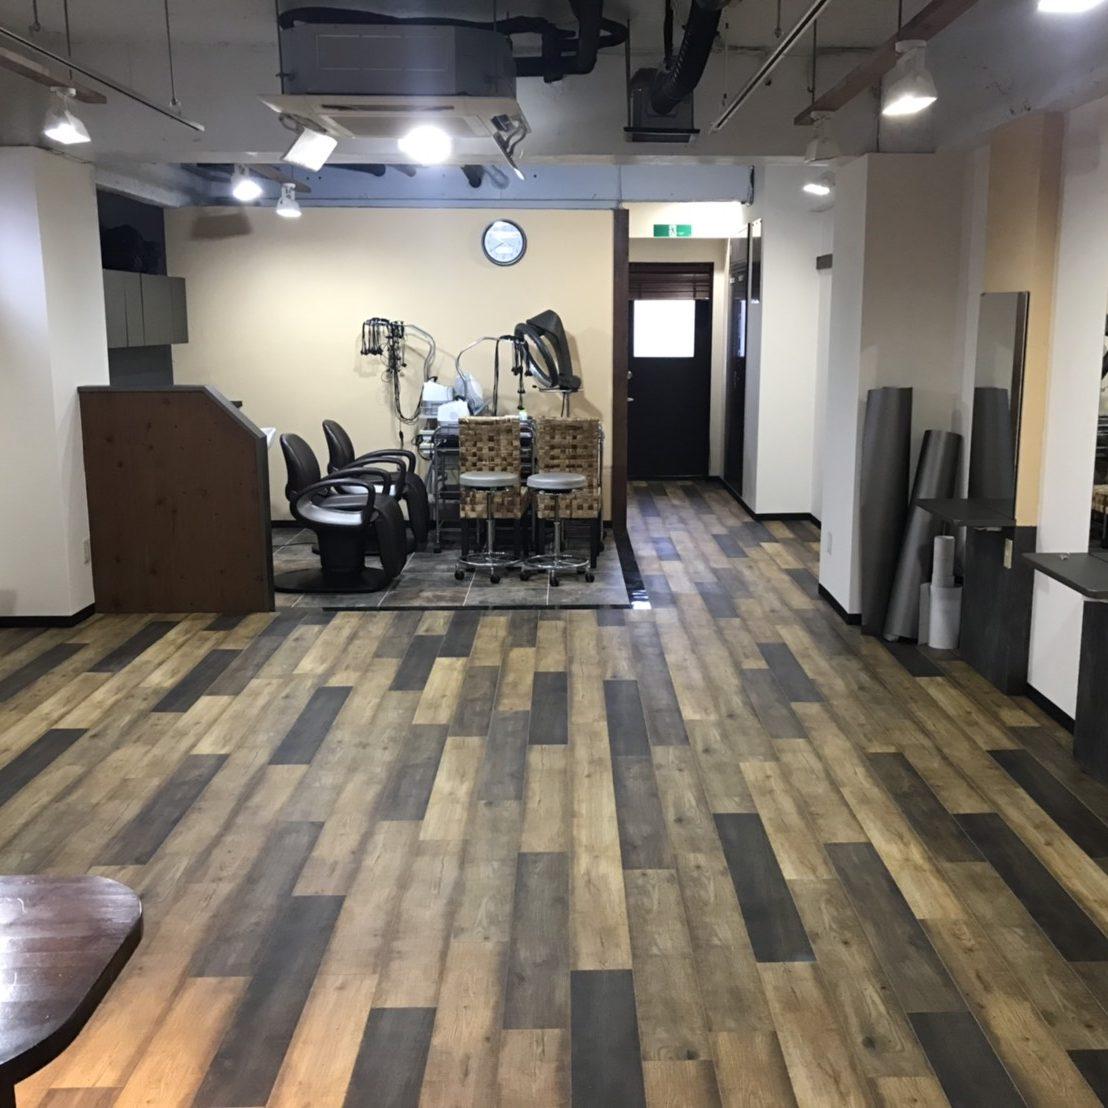 高幡不動産ネオグループ様 店舗内装意匠替え工事